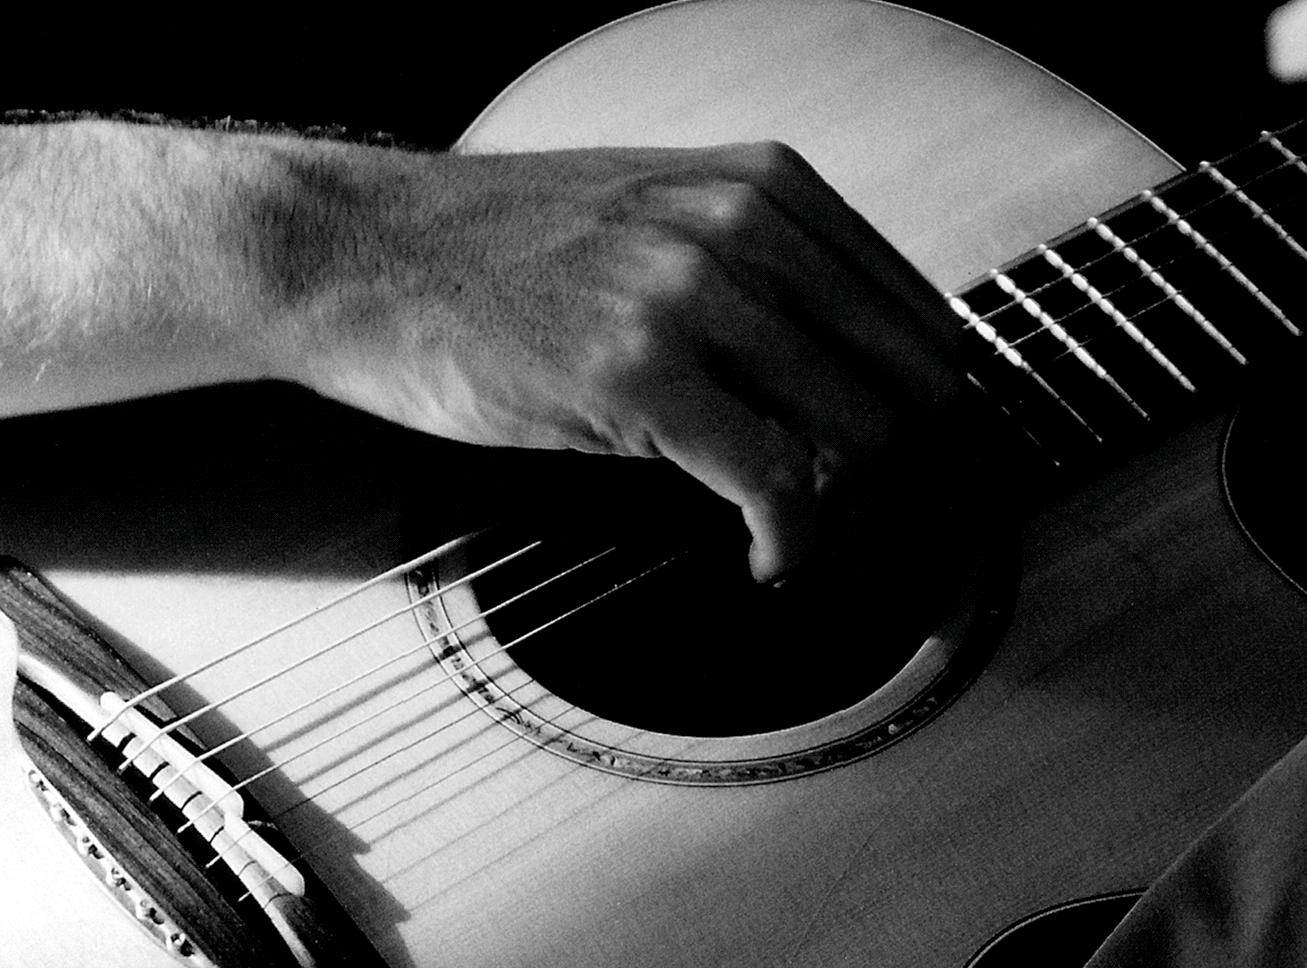 guitarposter_edited